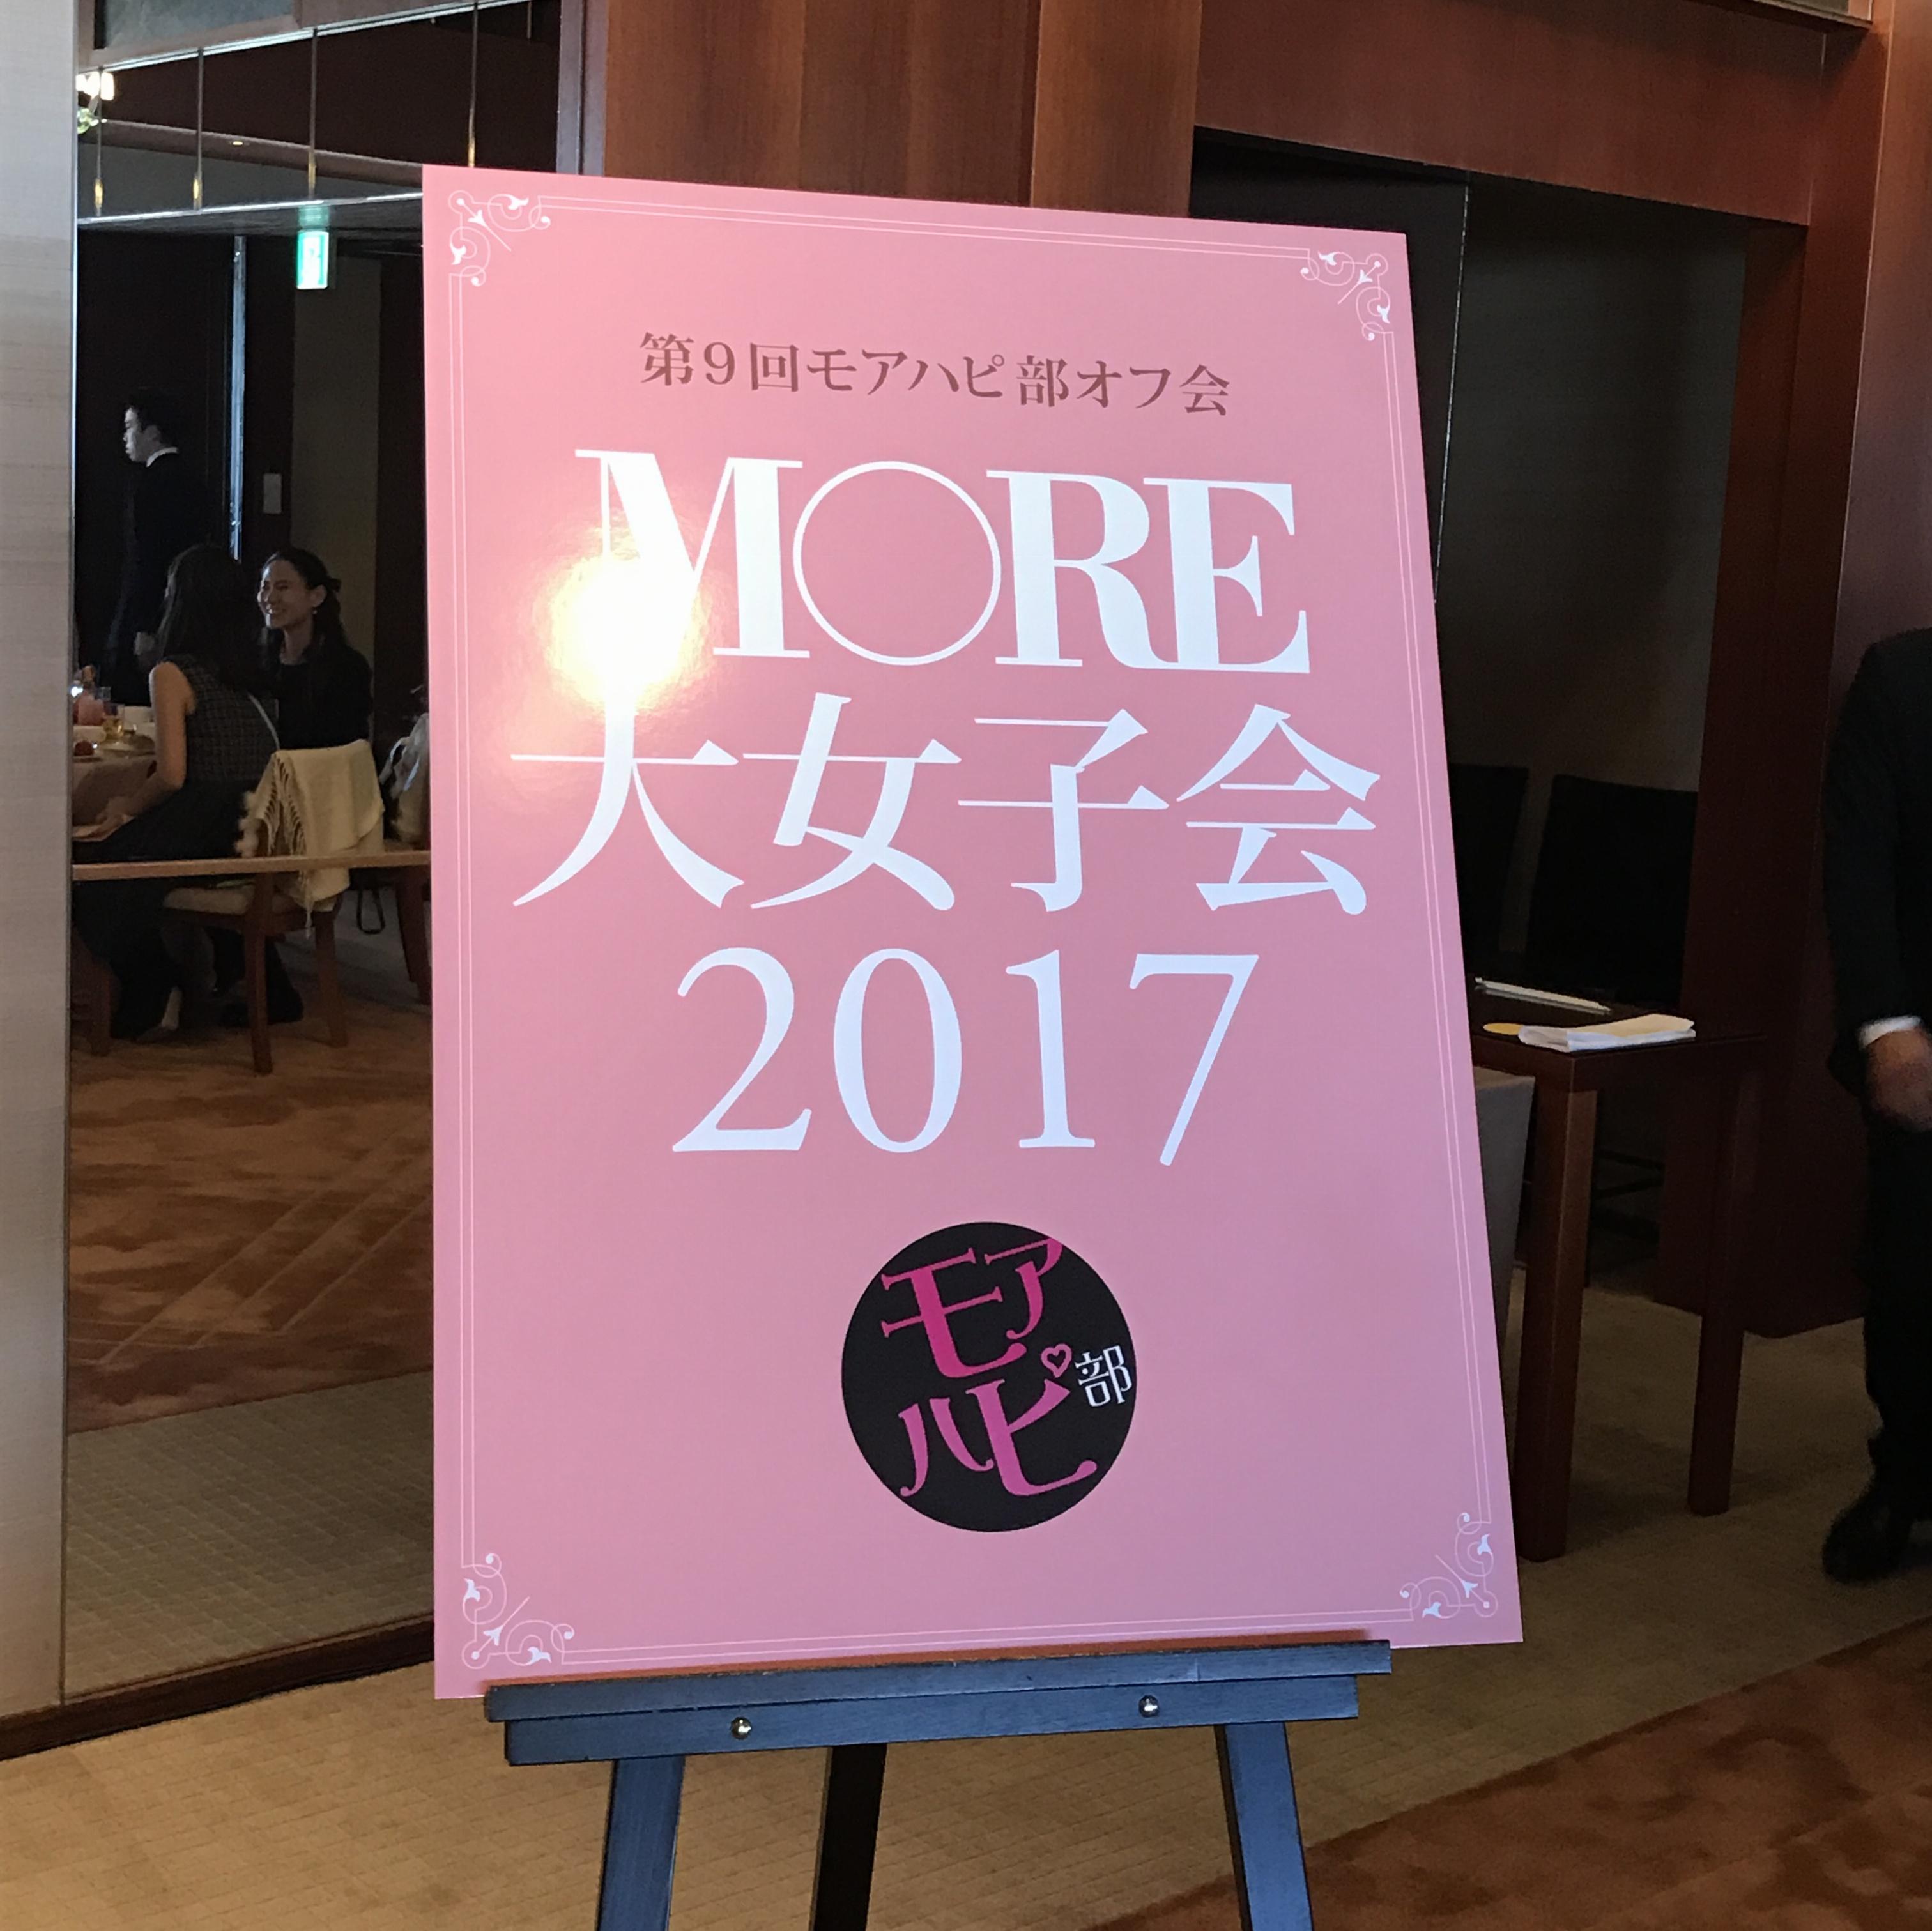 【おでかけ】MORE大女子会2017に行ってきました!お土産レポ♪_2